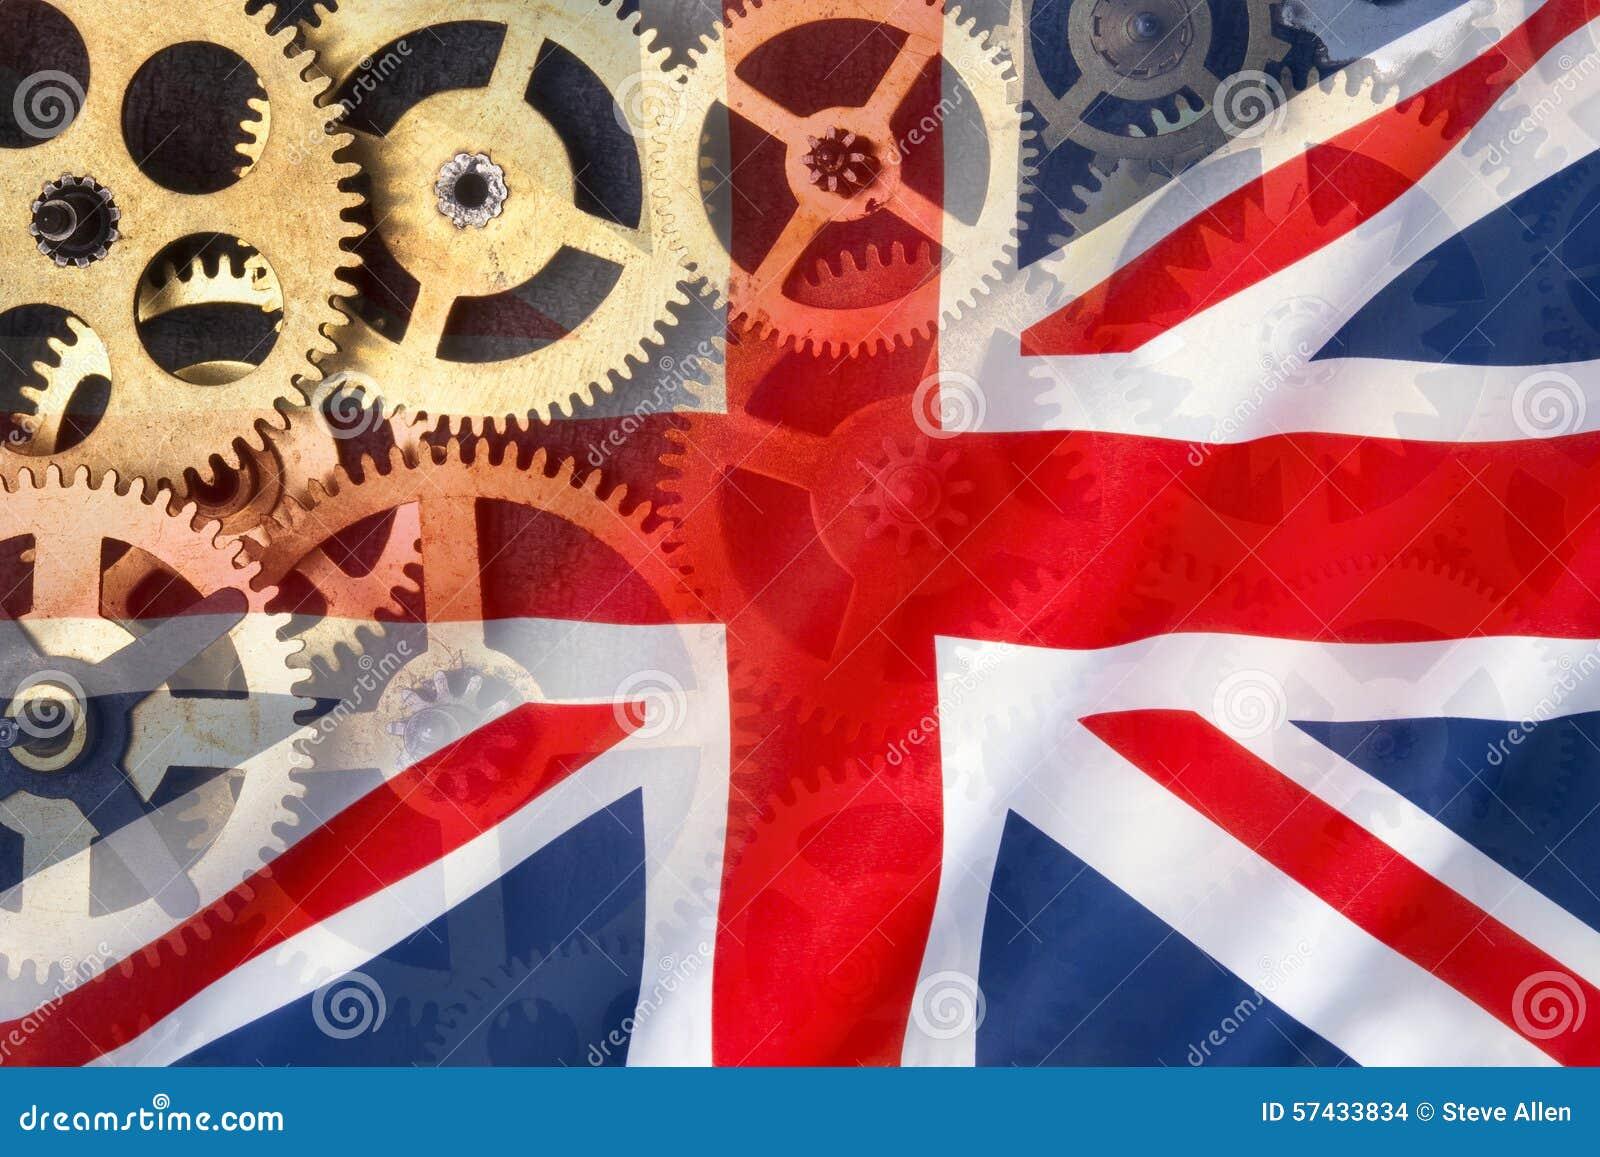 Βρετανική εφαρμοσμένη μηχανική - βρετανική σημαία